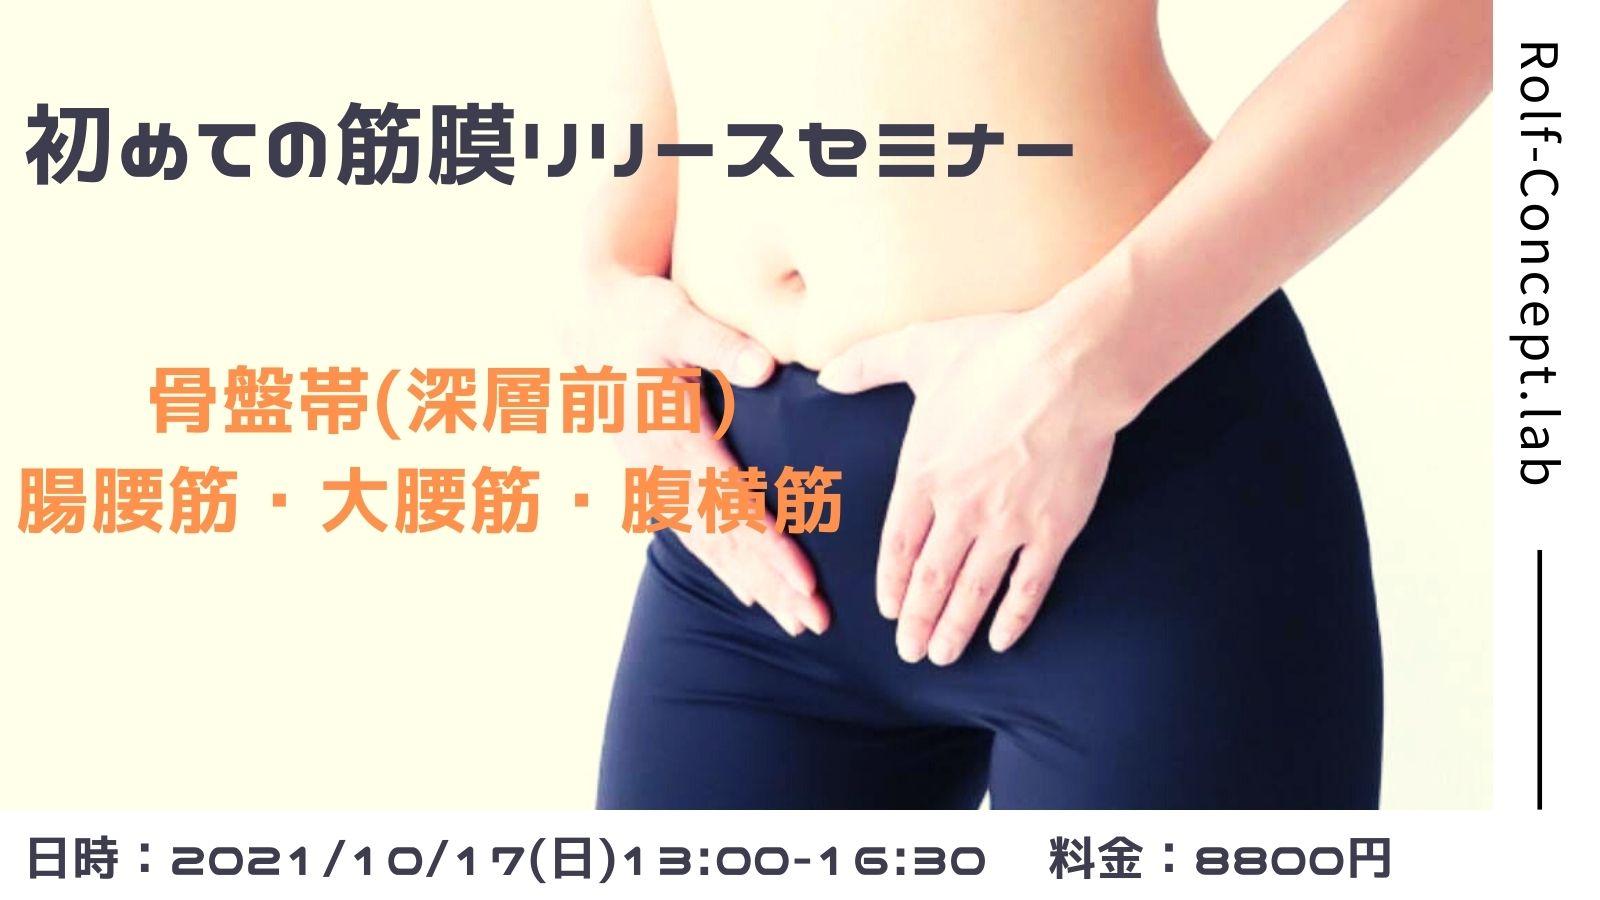 2021/10/17(日) 初めての筋膜リリースセミナー 骨盤帯(深層前面)